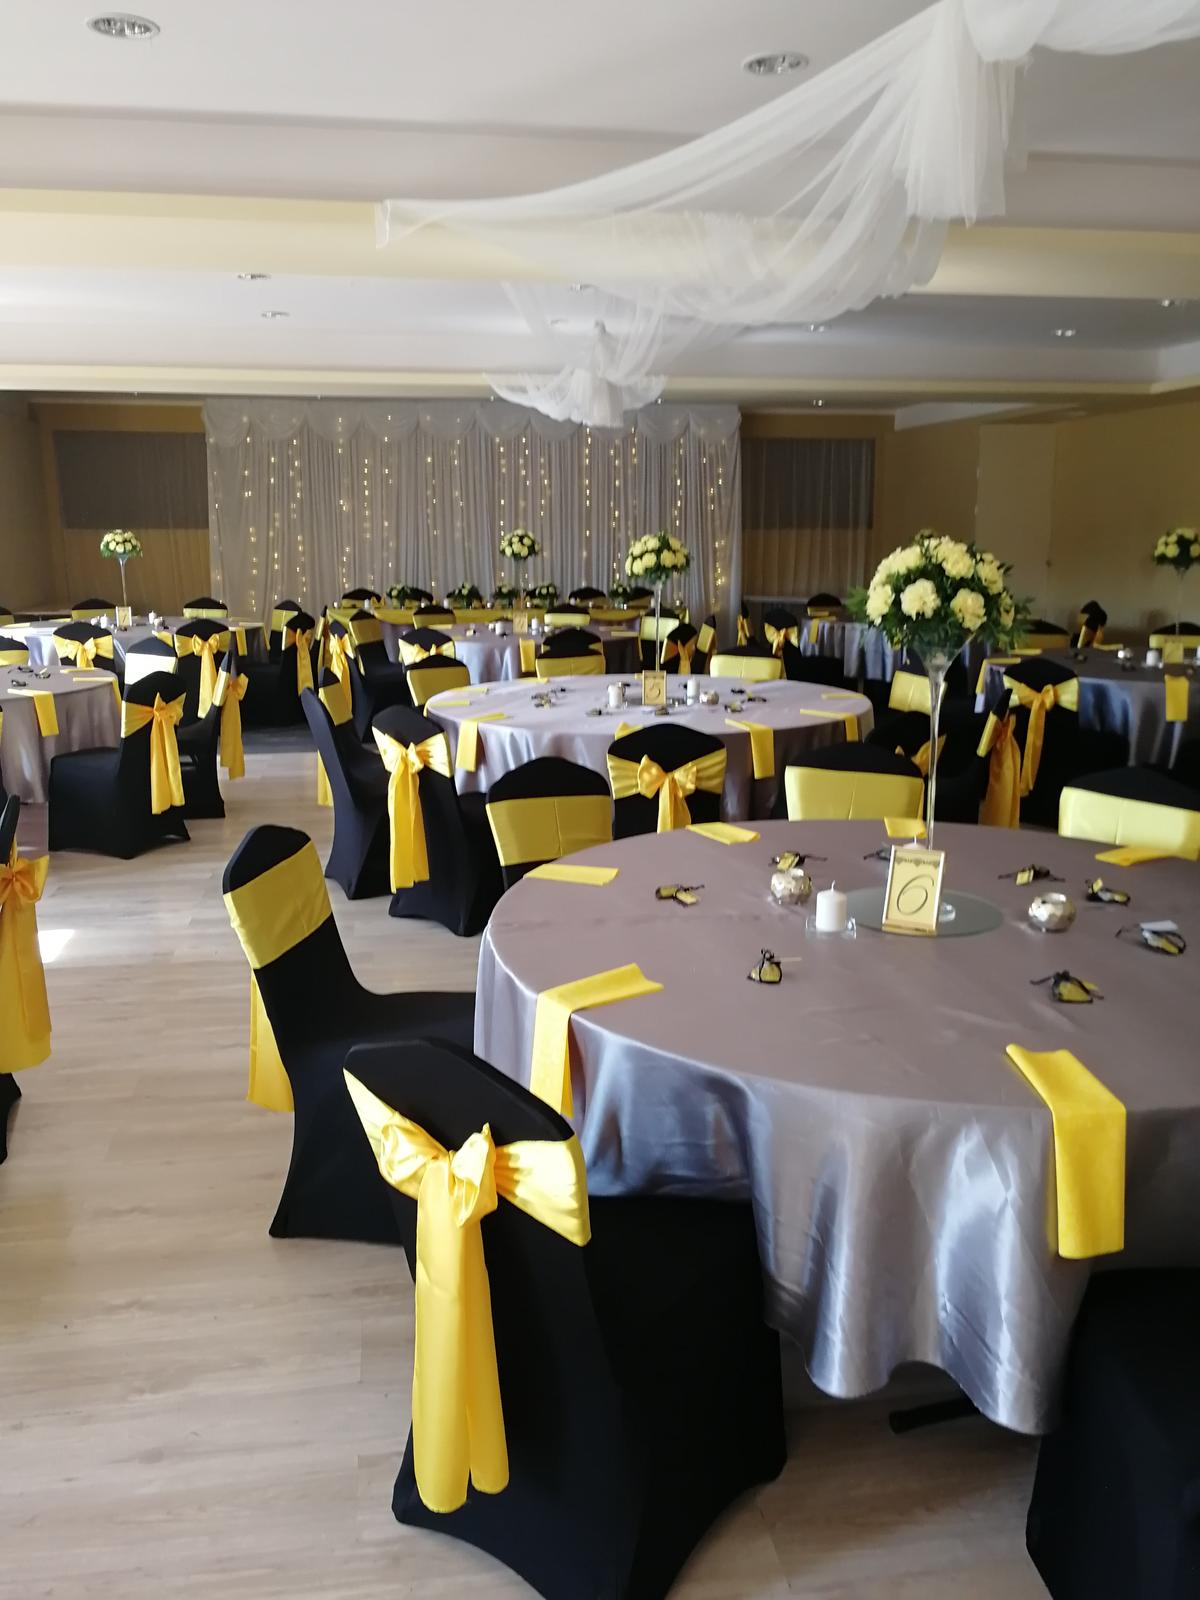 Svadba 14.9.2018 čierno-žlto-sivá kombinácia - Obrázok č. 17